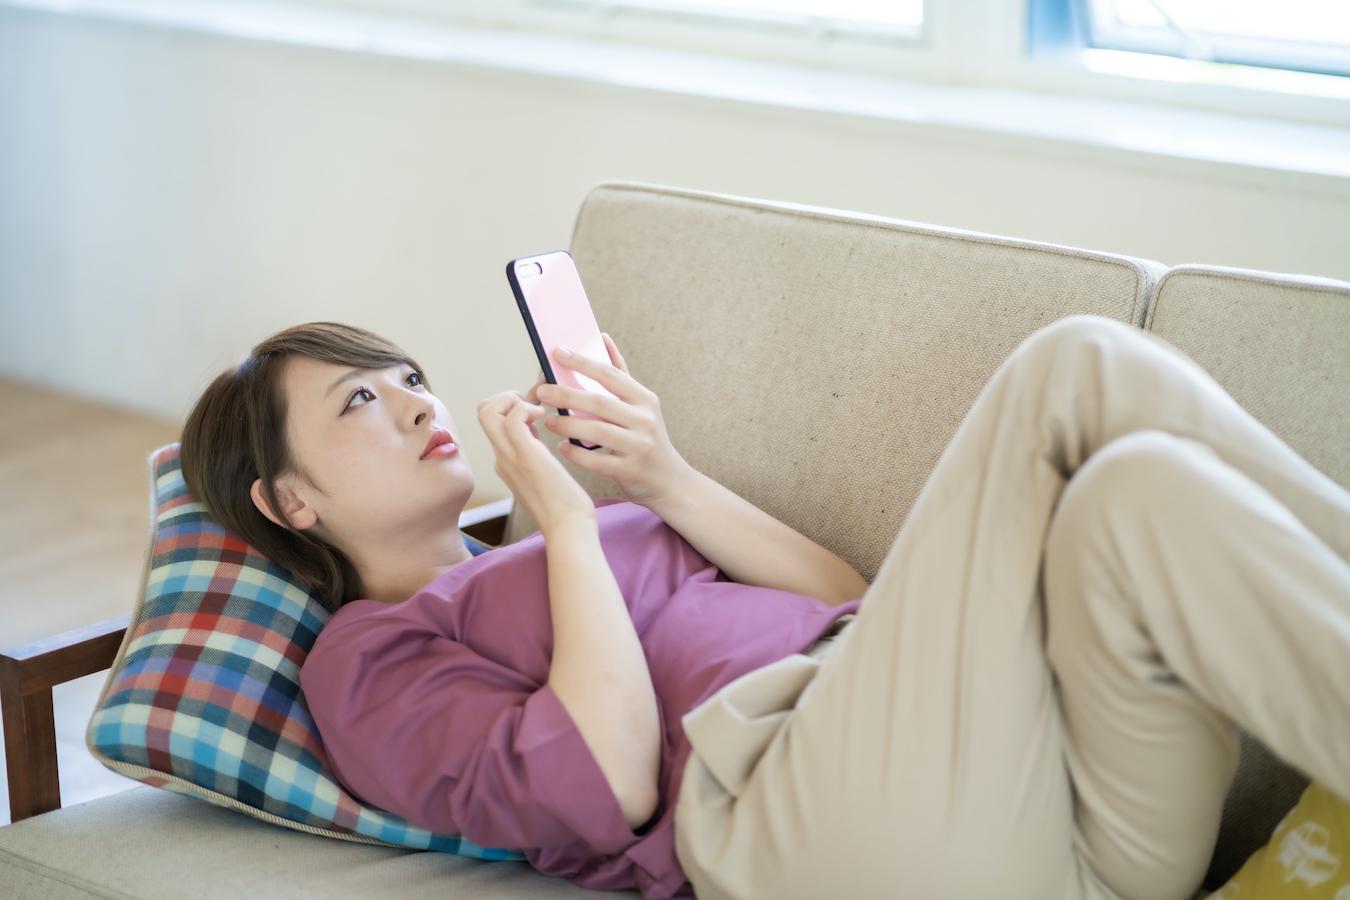 新たな出会いの選択肢 「マッチングアプリ」で本当に結婚できる?